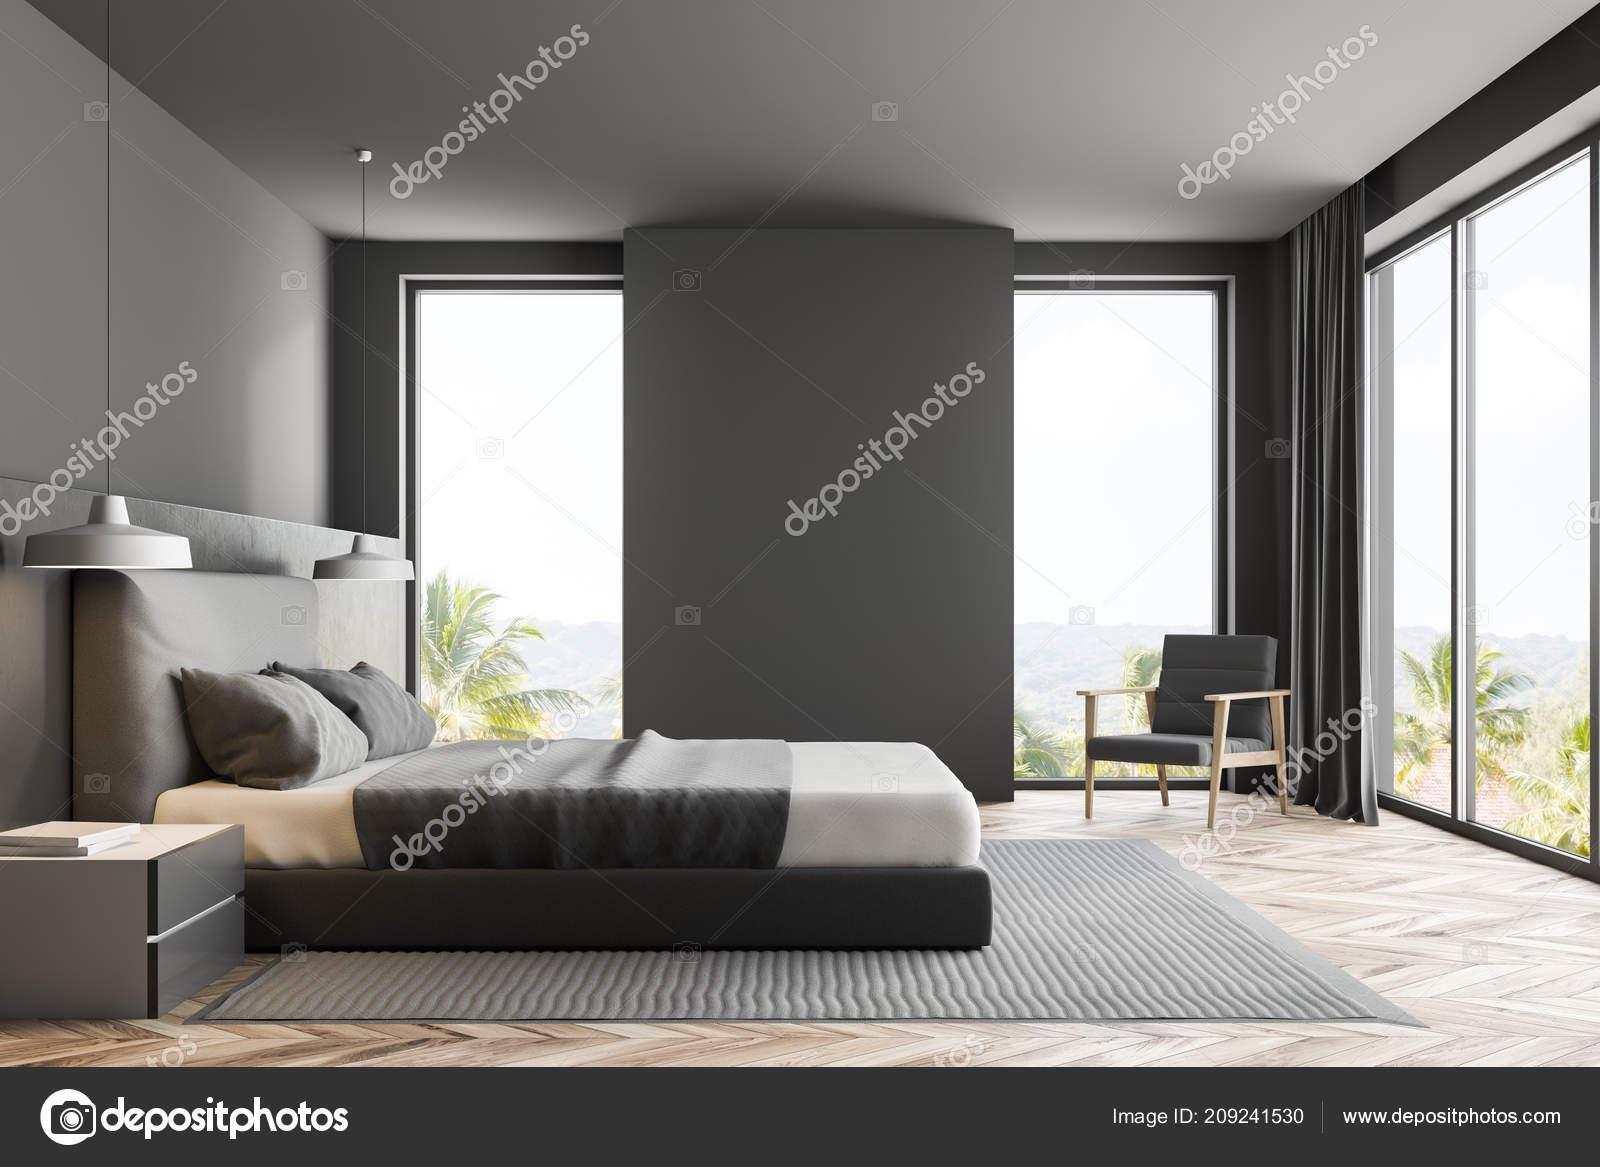 Camere Da Letto Pareti Grigie : Interno camera letto lusso con pareti grigie pavimento legno con